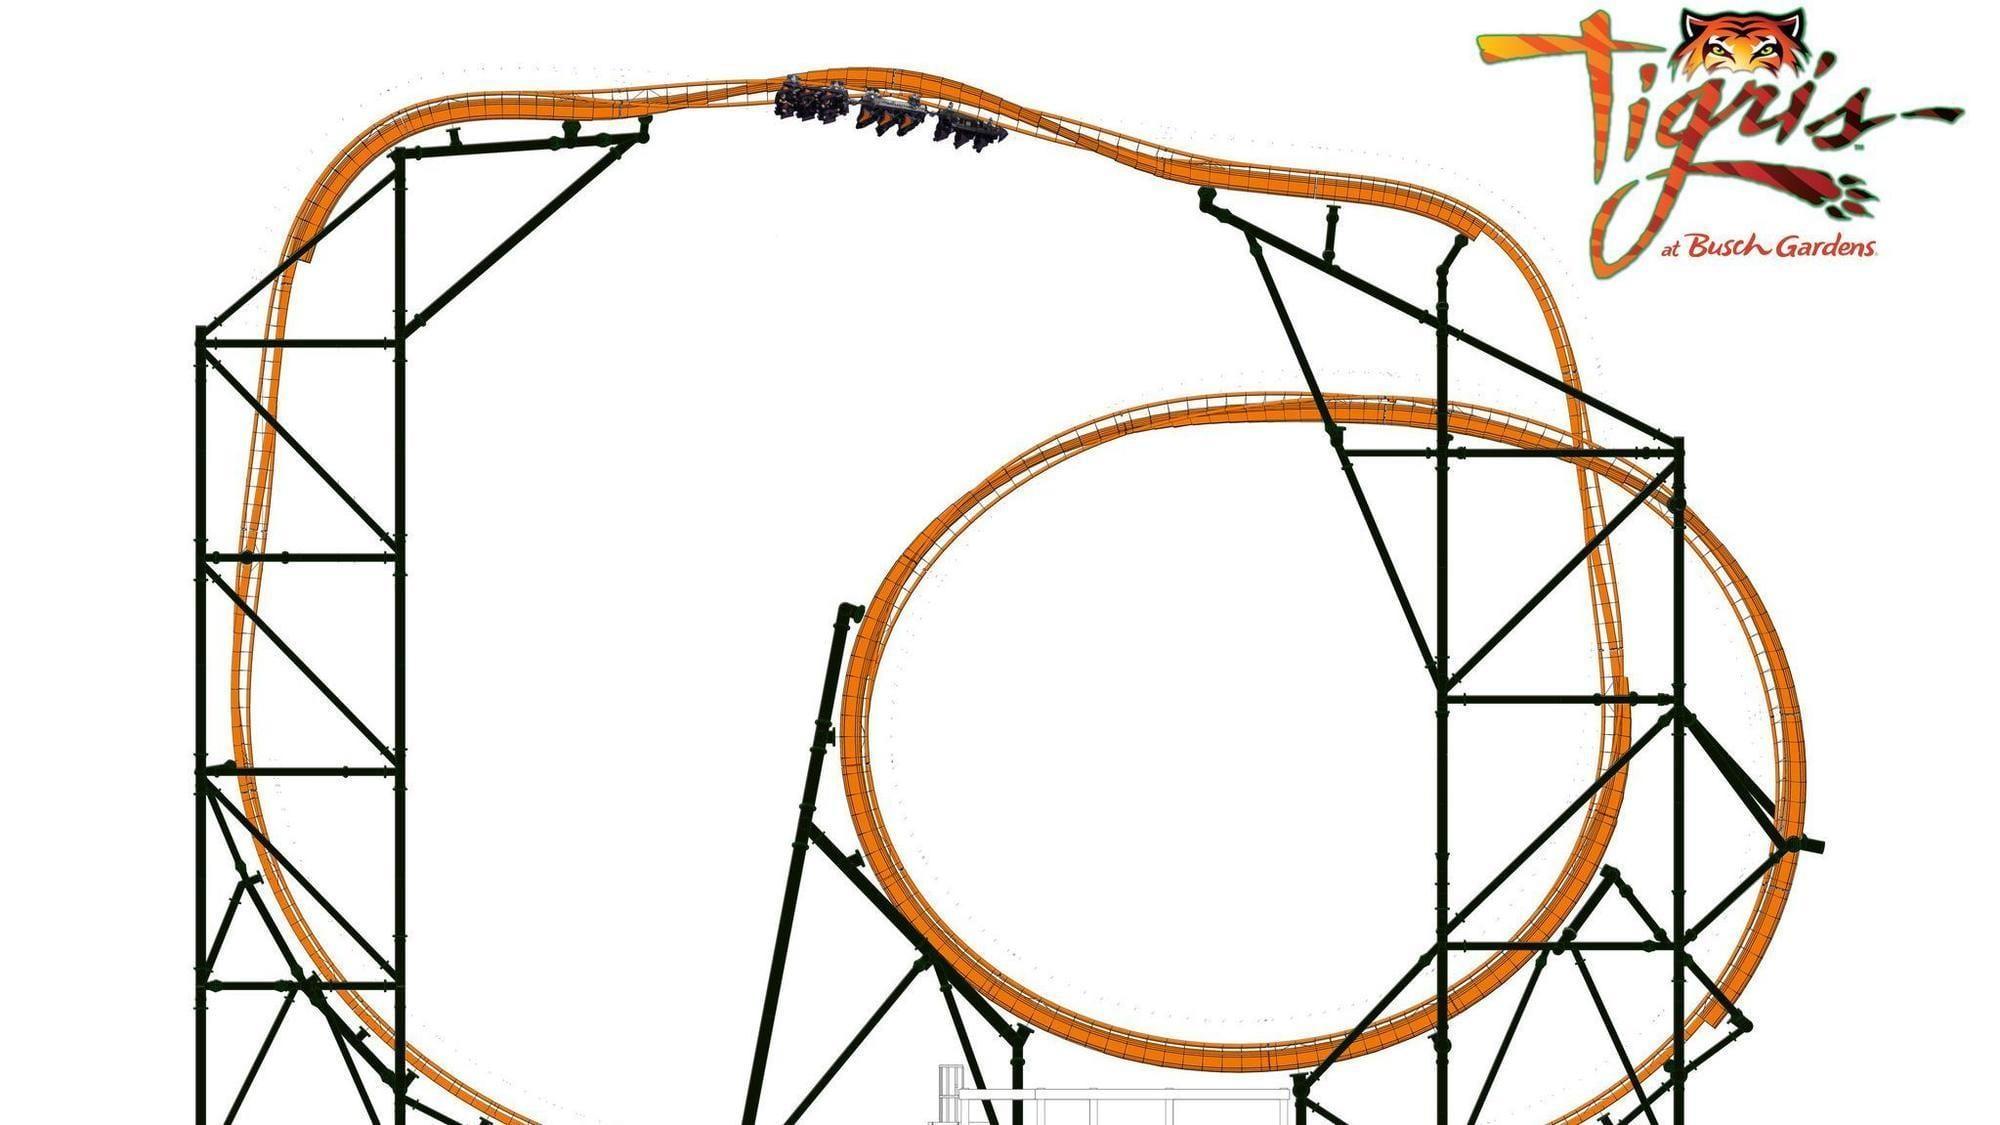 Tigris busch-gardens-roller-coasters